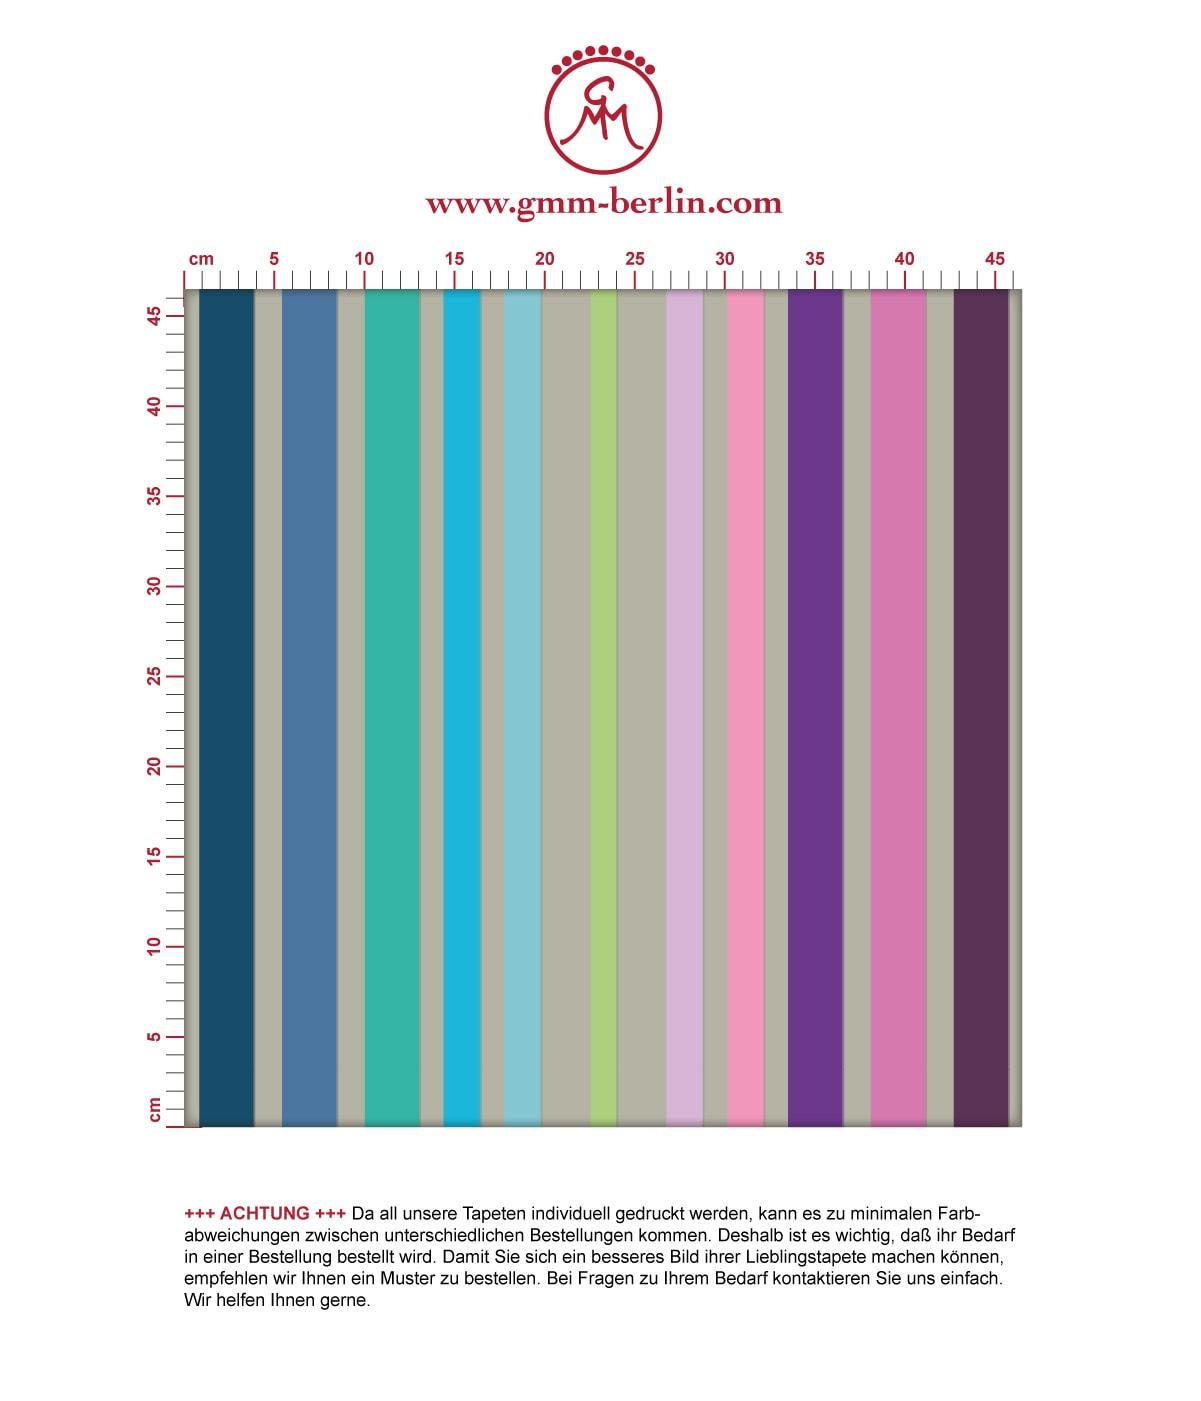 Design Classic Tapete dekorativer Streifen in - Exklusive Tapeten für schönes Wohnen aus der Serie Streifentapeten für schönes Wohnen der Gräflich Münster'schen Manufaktur